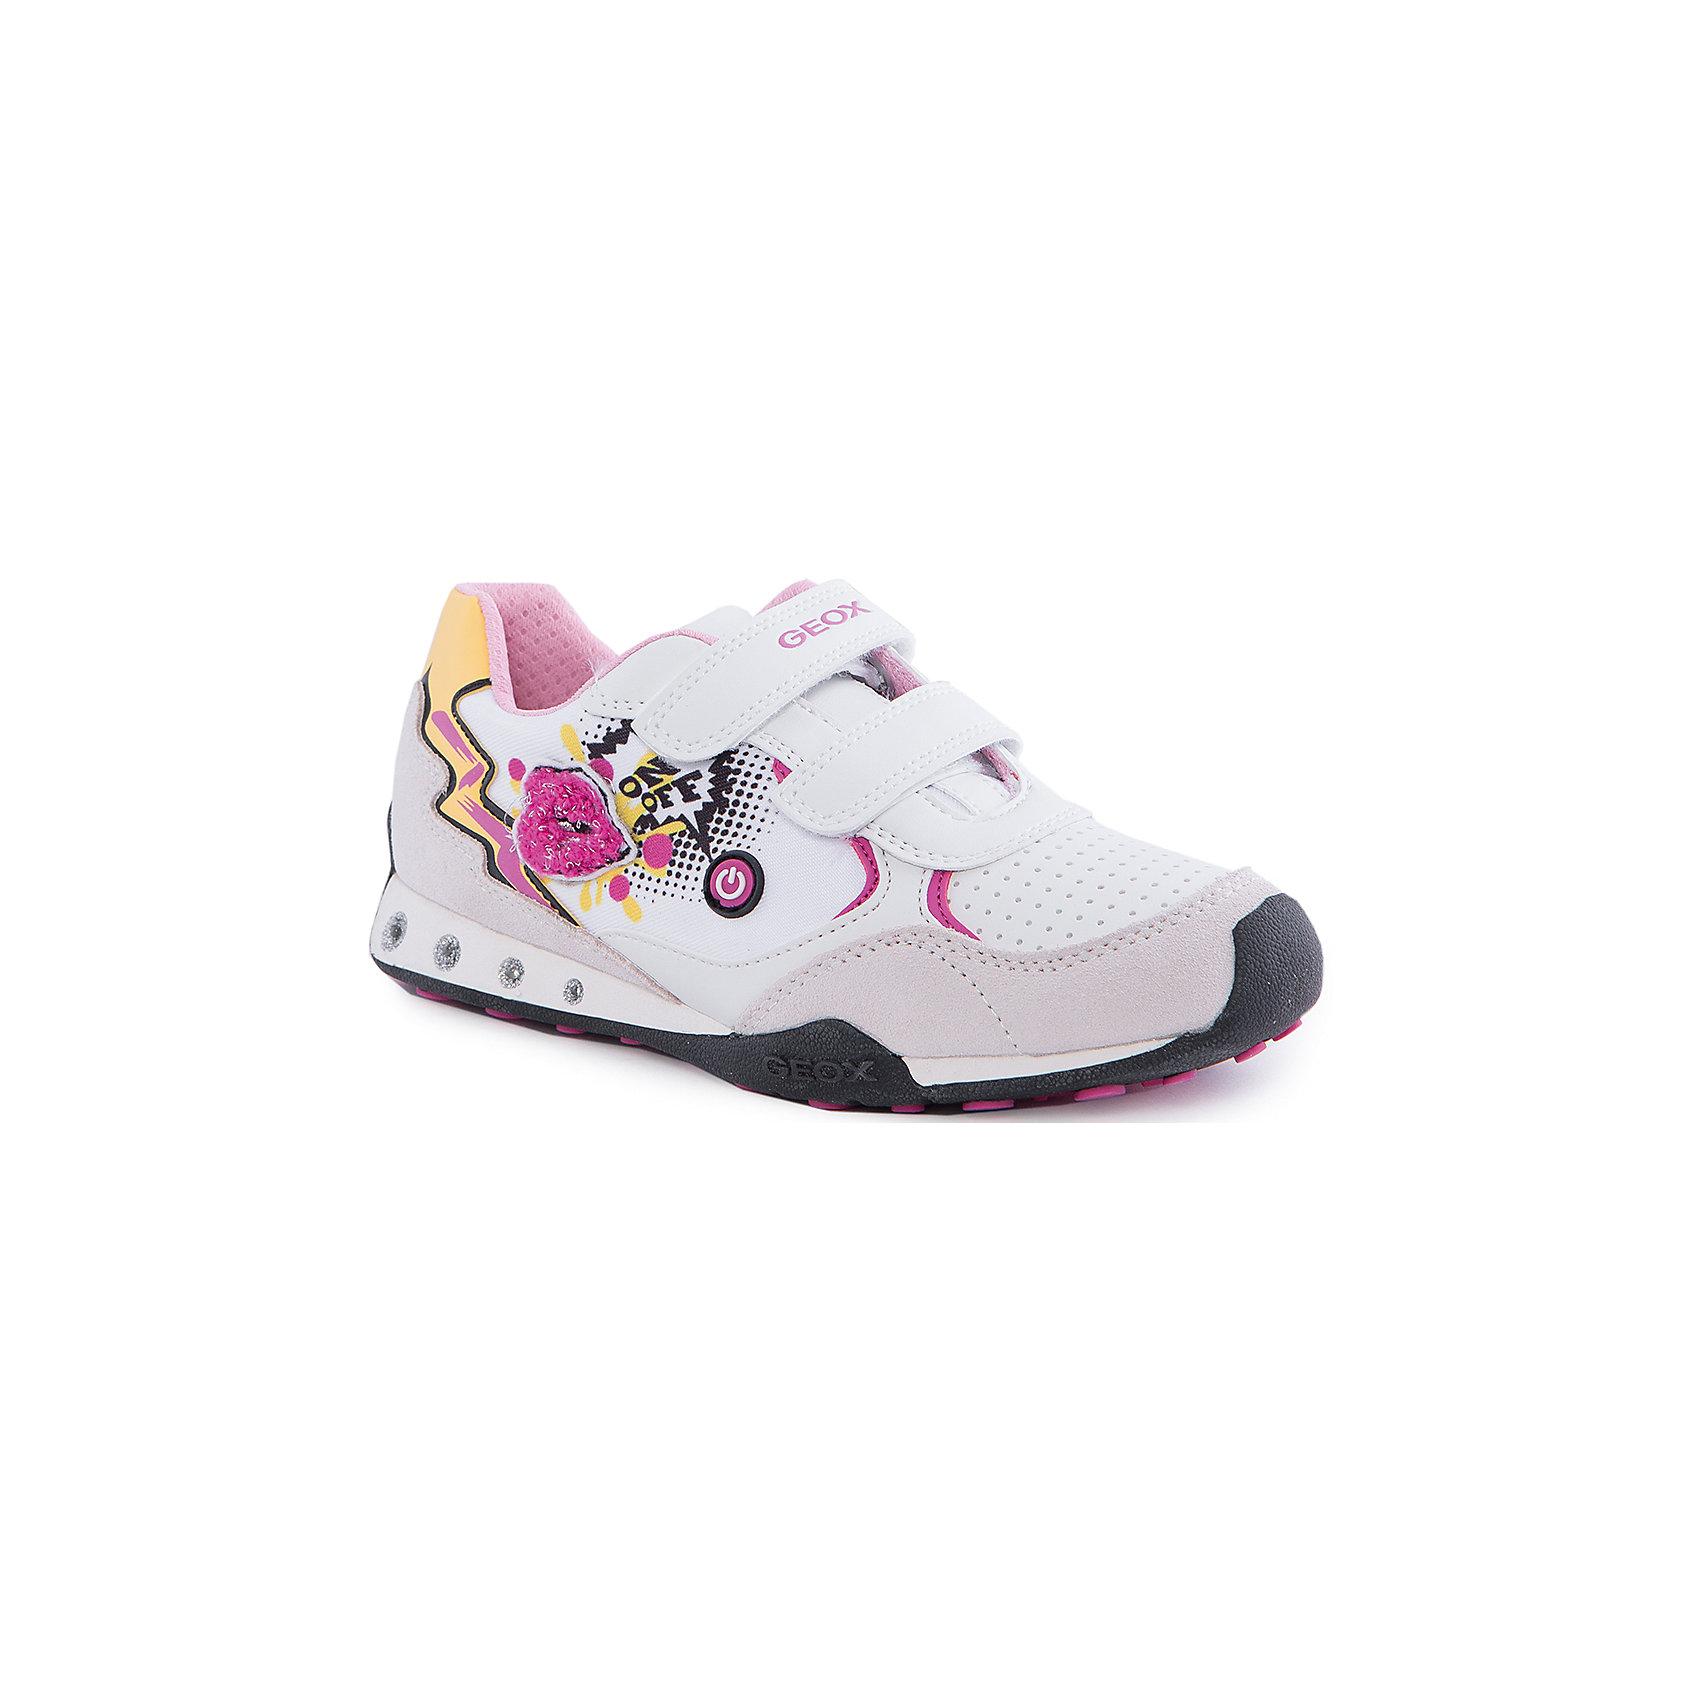 Кроссовки со светодиодами для девочки GEOXКроссовки для девочки от популярной марки GEOX (Геокс).<br><br>Оригинальные и удобные кроссовки - отличная обувь для нового весеннего сезона. Эта модель создана специально для девочек.<br>Производитель обуви заботится не только о внешнем виде, но и стабильно высоком качестве продукции. GEOX (Геокс) разработал специальную дышащую подошву, которая не пропускает влагу внутрь, а также высокотехнологичную стельку.<br><br>Отличительные особенности модели:<br><br>- цвет: белый;<br>- декорированы принтом и аппликацией;<br>- гибкая водоотталкивающая подошва с дышащей мембраной;<br>- мягкий и легкий верх;<br>- защита пальцев и пятки;<br>- стильный дизайн;<br>- удобная застежка-липучка;<br>- комфортное облегание;<br>- верх обуви и подкладка сделаны без использования хрома.<br><br>Дополнительная информация:<br><br>- Температурный режим: от +10° С до 25° С.<br><br>- Состав:<br><br>материал верха: текстиль, синтетический материал<br>материал подкладки: текстиль<br>подошва: 100% резина<br><br>Кроссовки для девочки GEOX (Геокс) (Геокс) можно купить в нашем магазине.<br><br>Ширина мм: 250<br>Глубина мм: 150<br>Высота мм: 150<br>Вес г: 250<br>Цвет: белый<br>Возраст от месяцев: 108<br>Возраст до месяцев: 120<br>Пол: Женский<br>Возраст: Детский<br>Размер: 33,32,29,28,27,30,31,34,35<br>SKU: 4519624